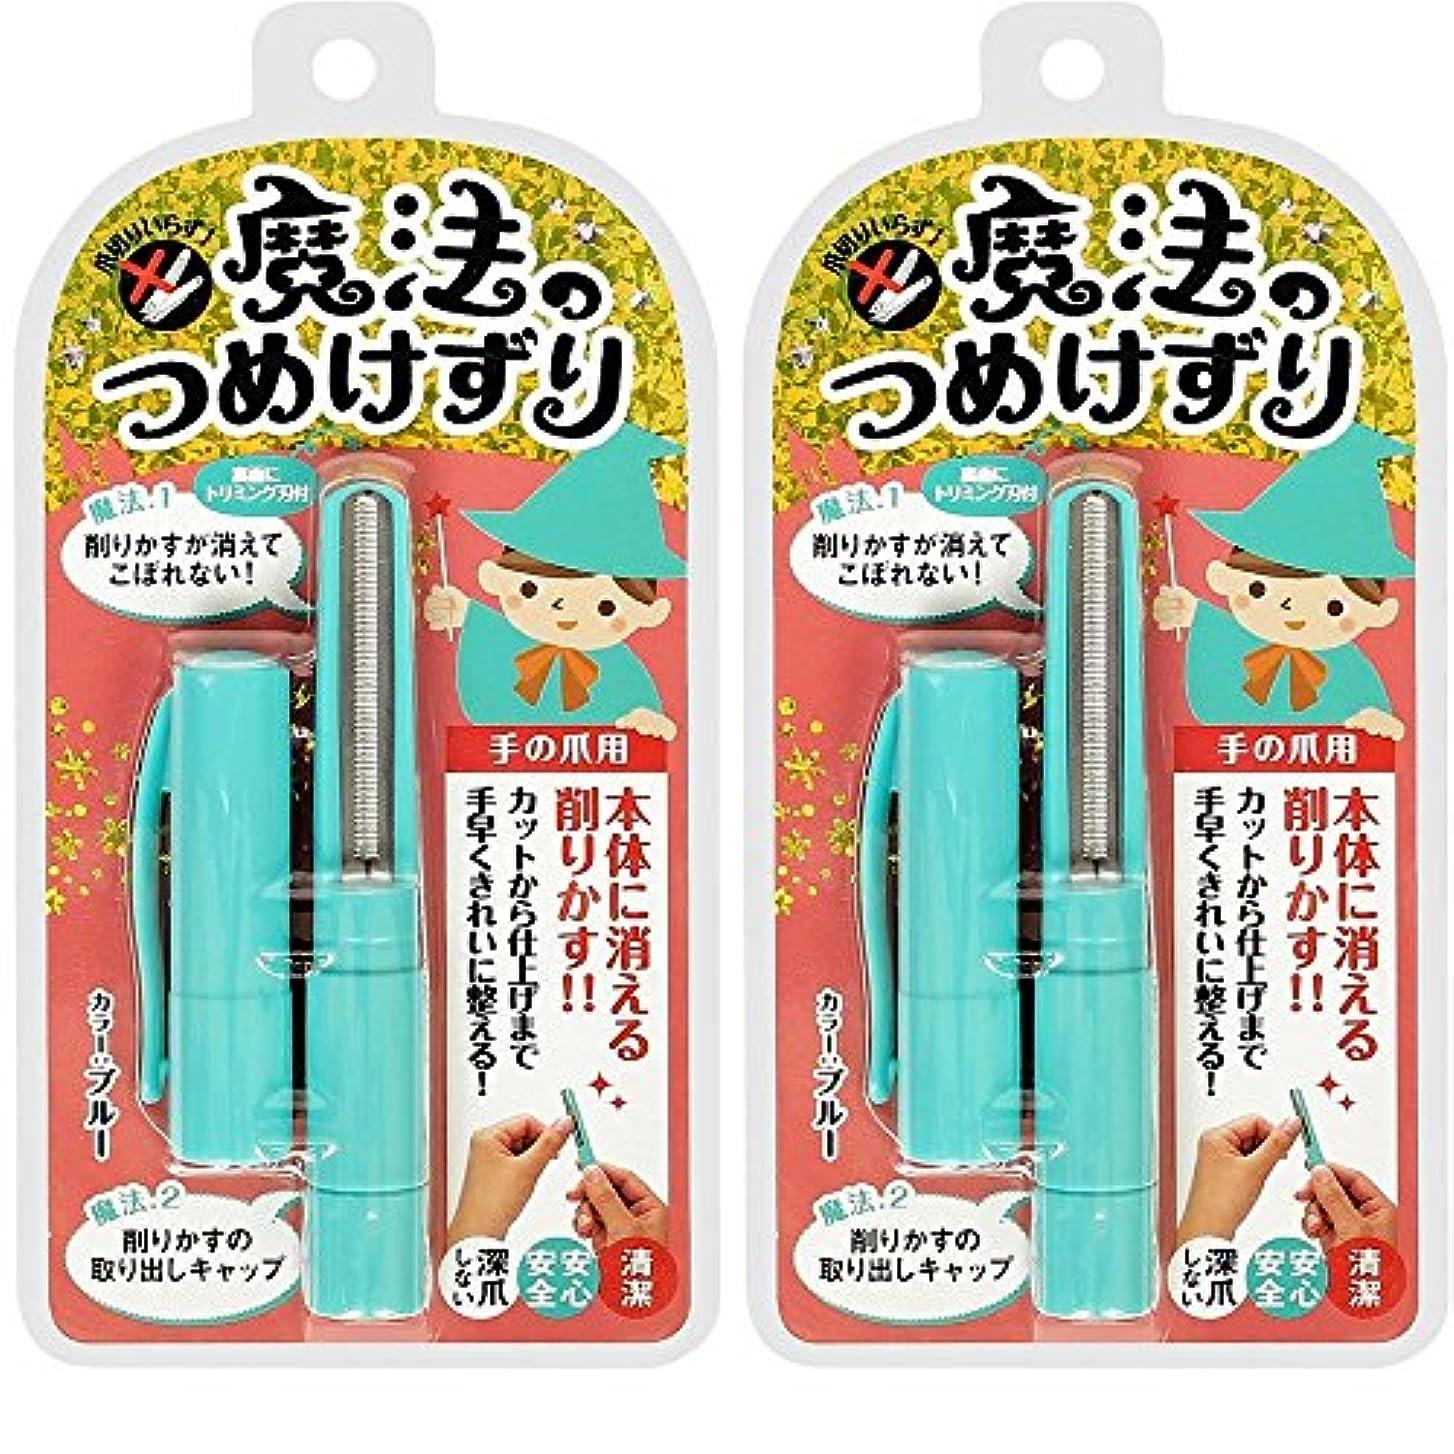 エキゾチック予言する机【セット品】松本金型 魔法のつめけずり MM-091 ブルー 2個